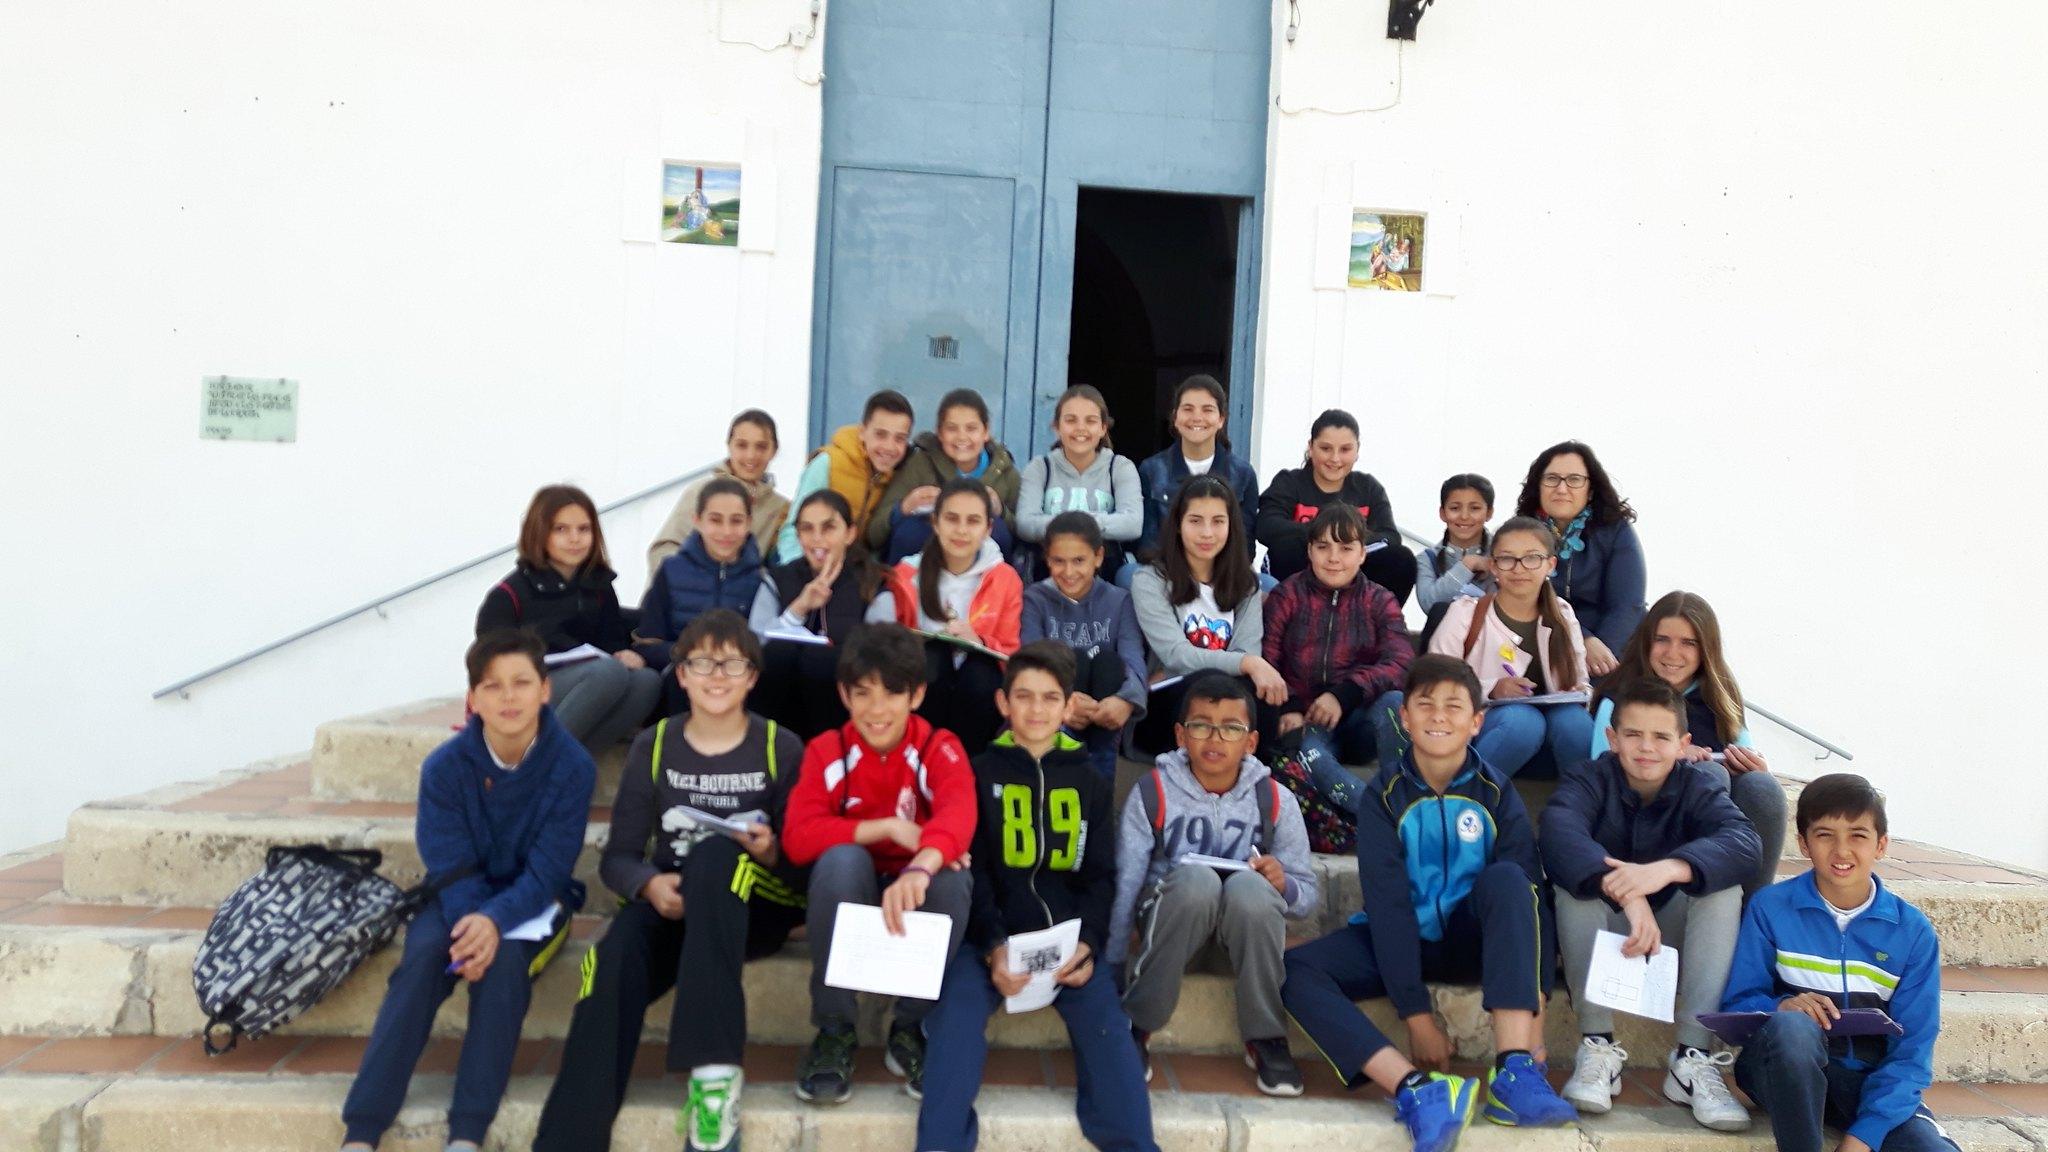 (2017-03-31) - Visita ermita alumnos Pilar, profesora religión 9 Octubre - Marzo -  María Isabel Berenguer Brotons - (01)